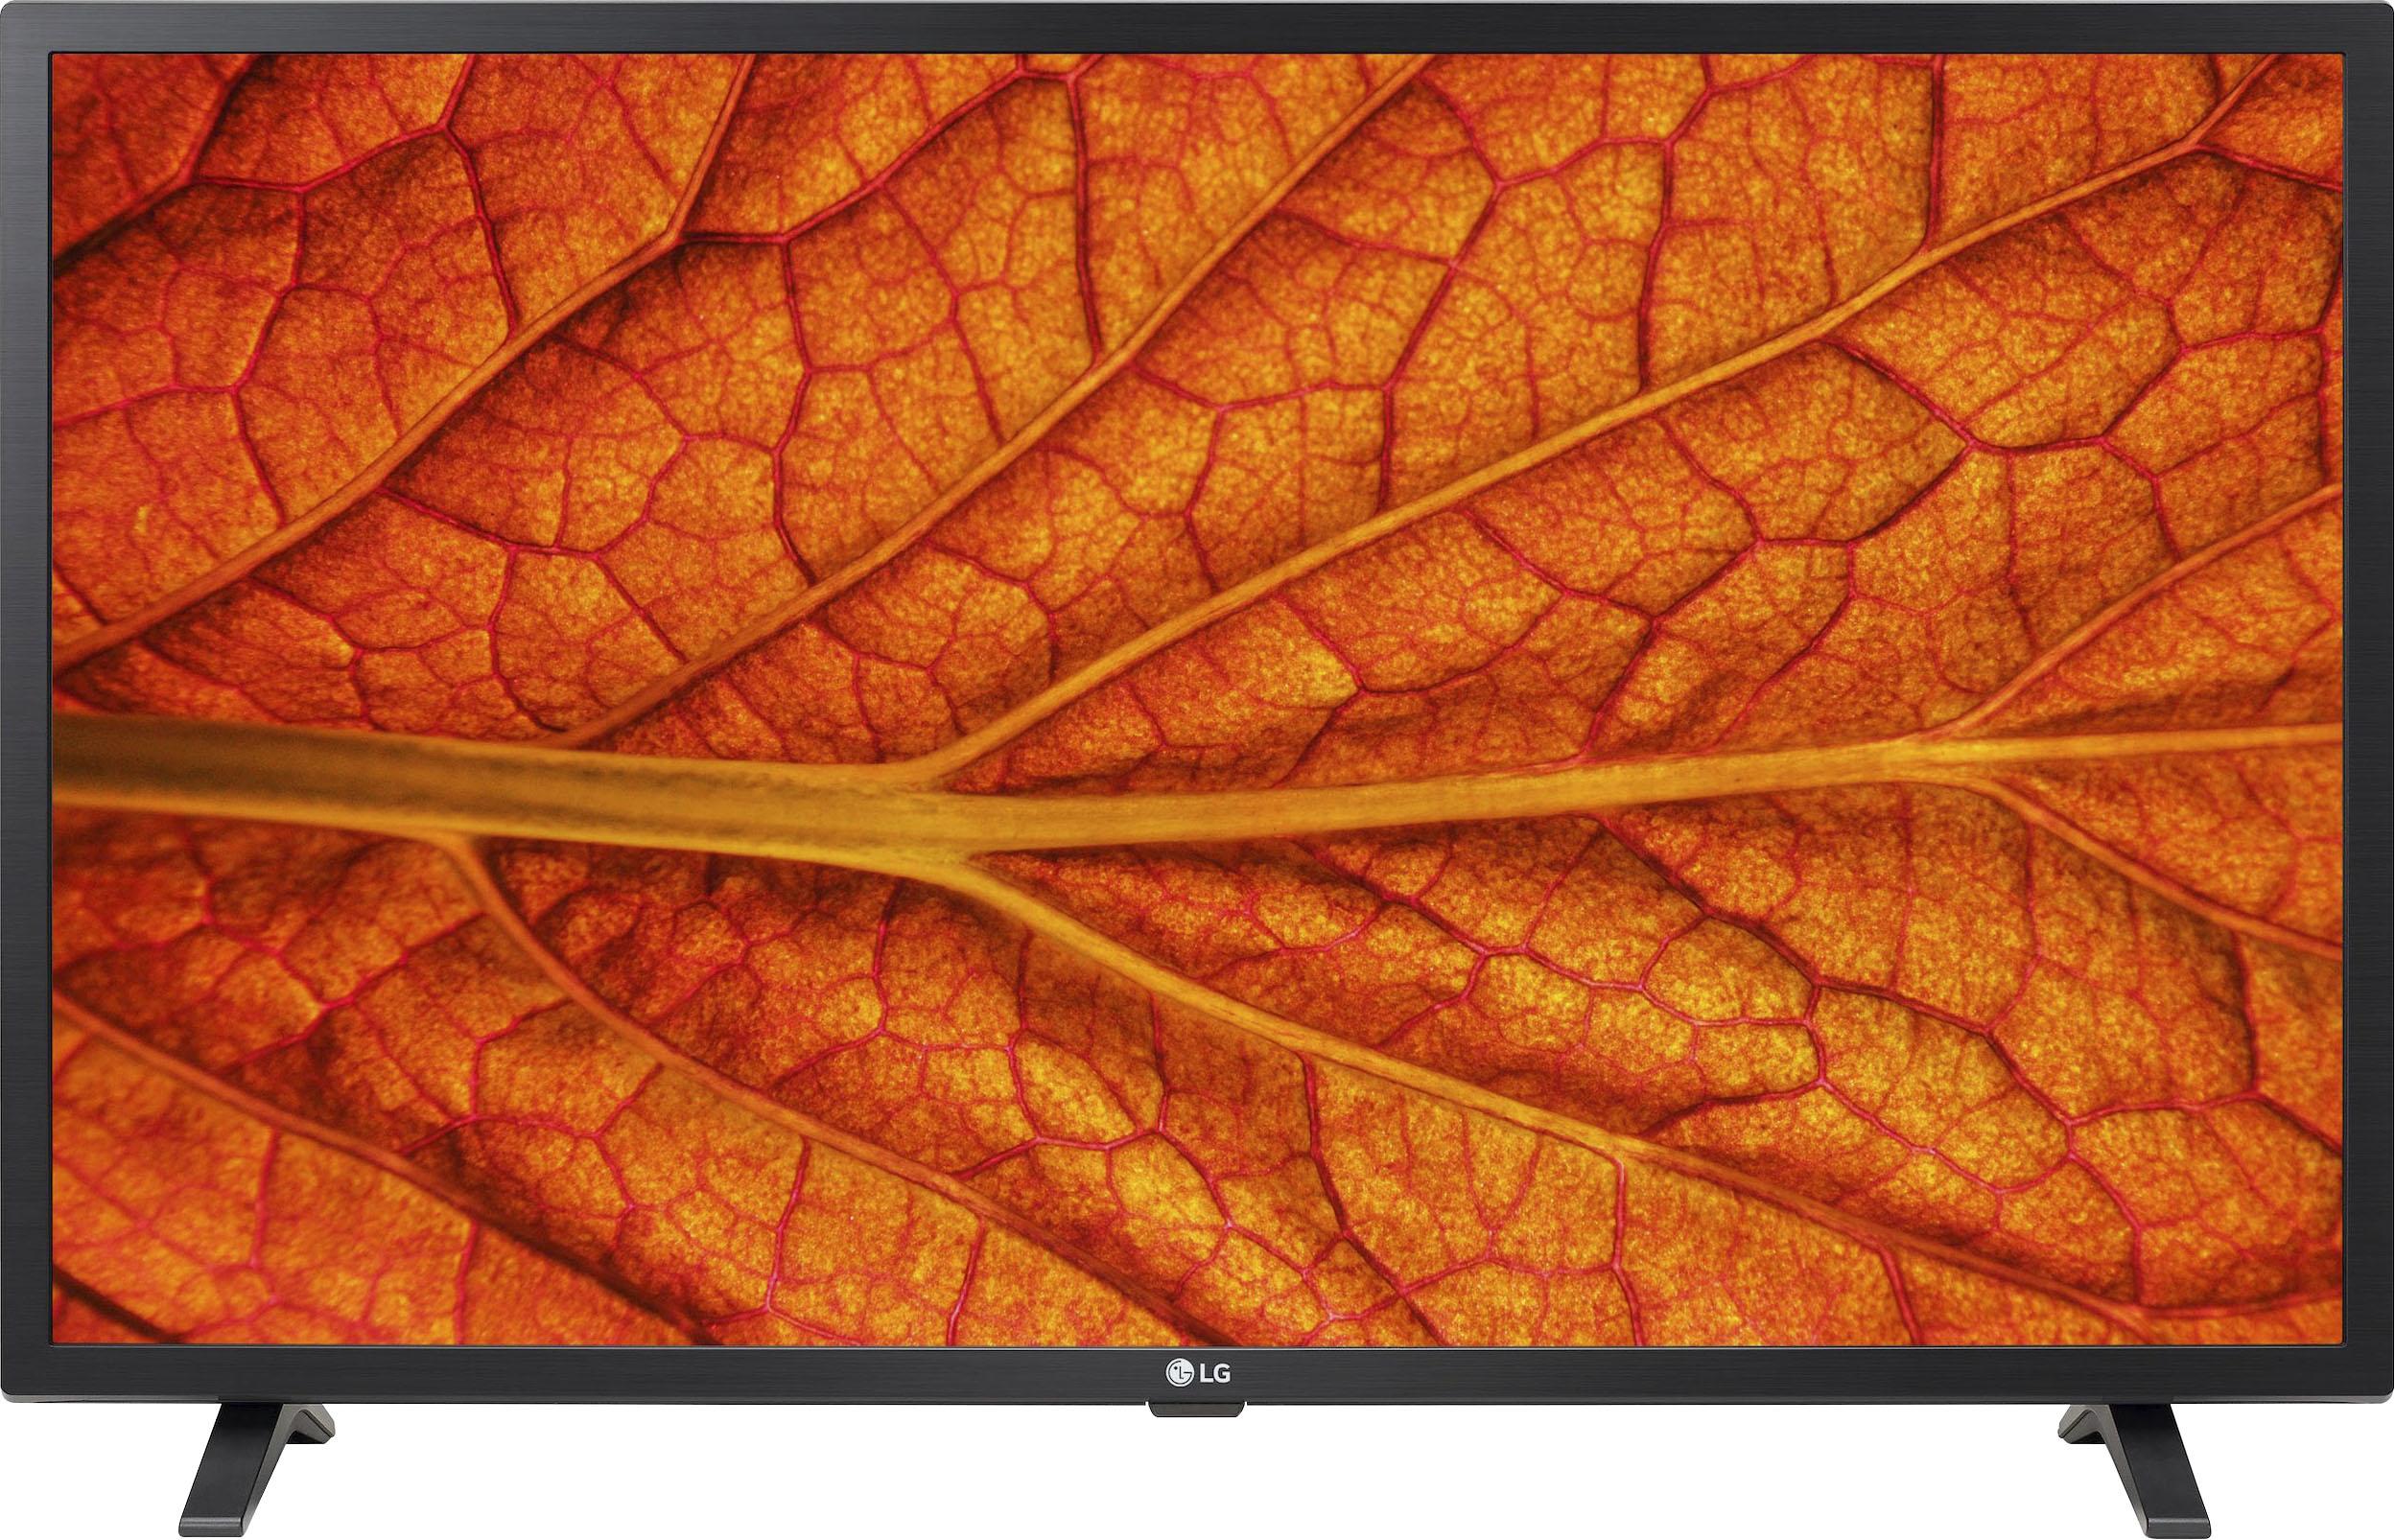 LG LED-Fernseher 32LM6370PLA , 80 cm 32 , Full HD, Smart-TV